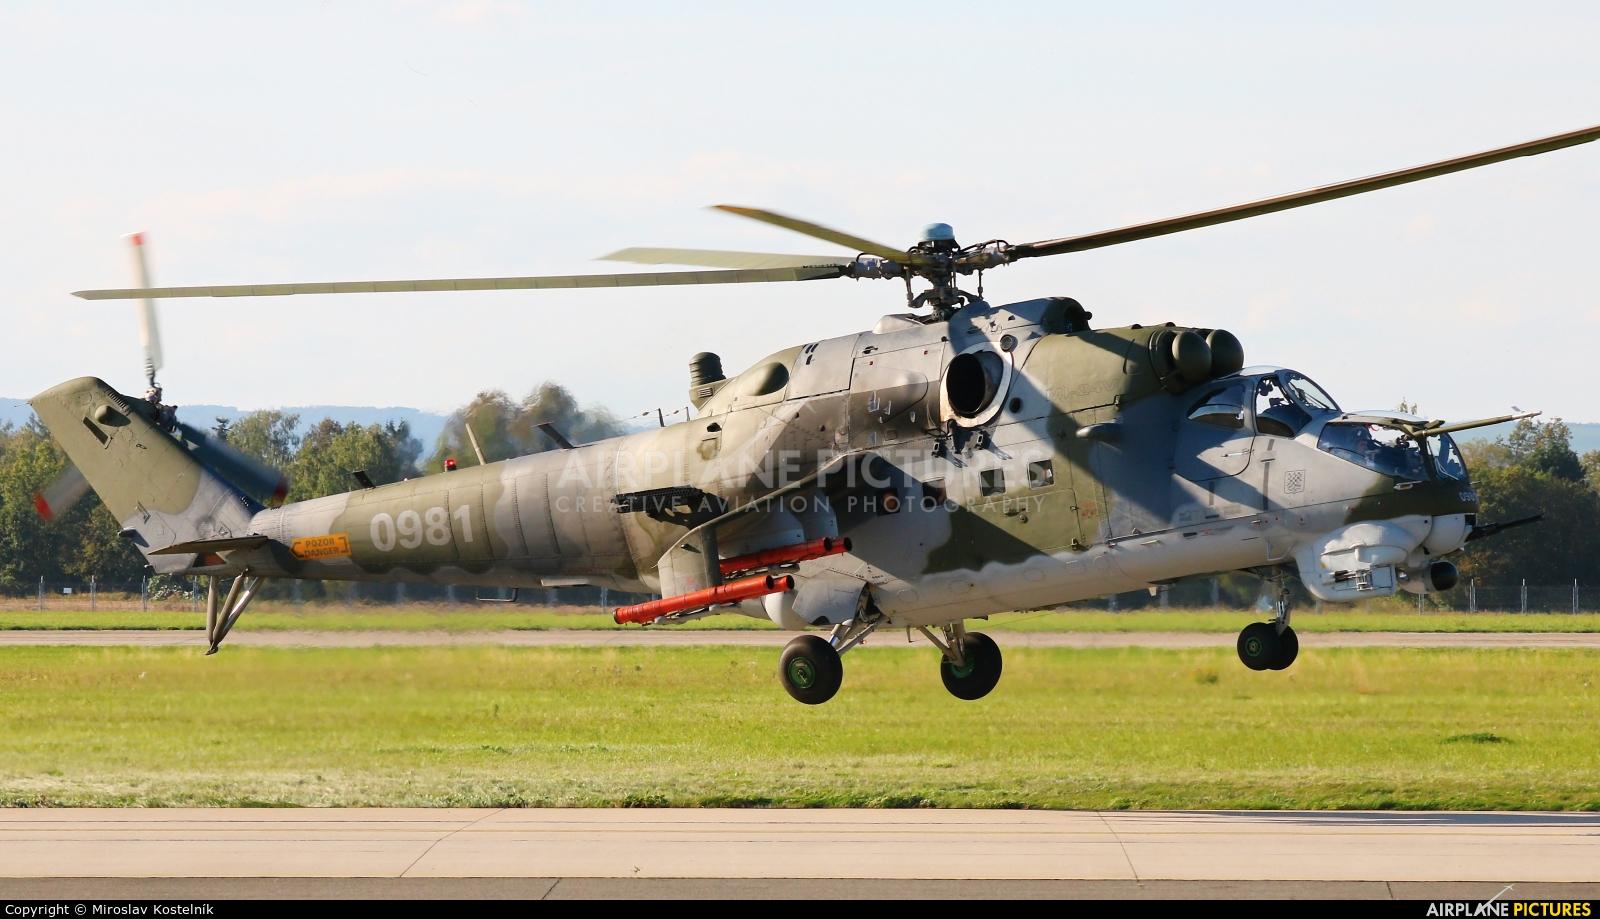 Czech - Air Force 0981 aircraft at Ostrava Mošnov